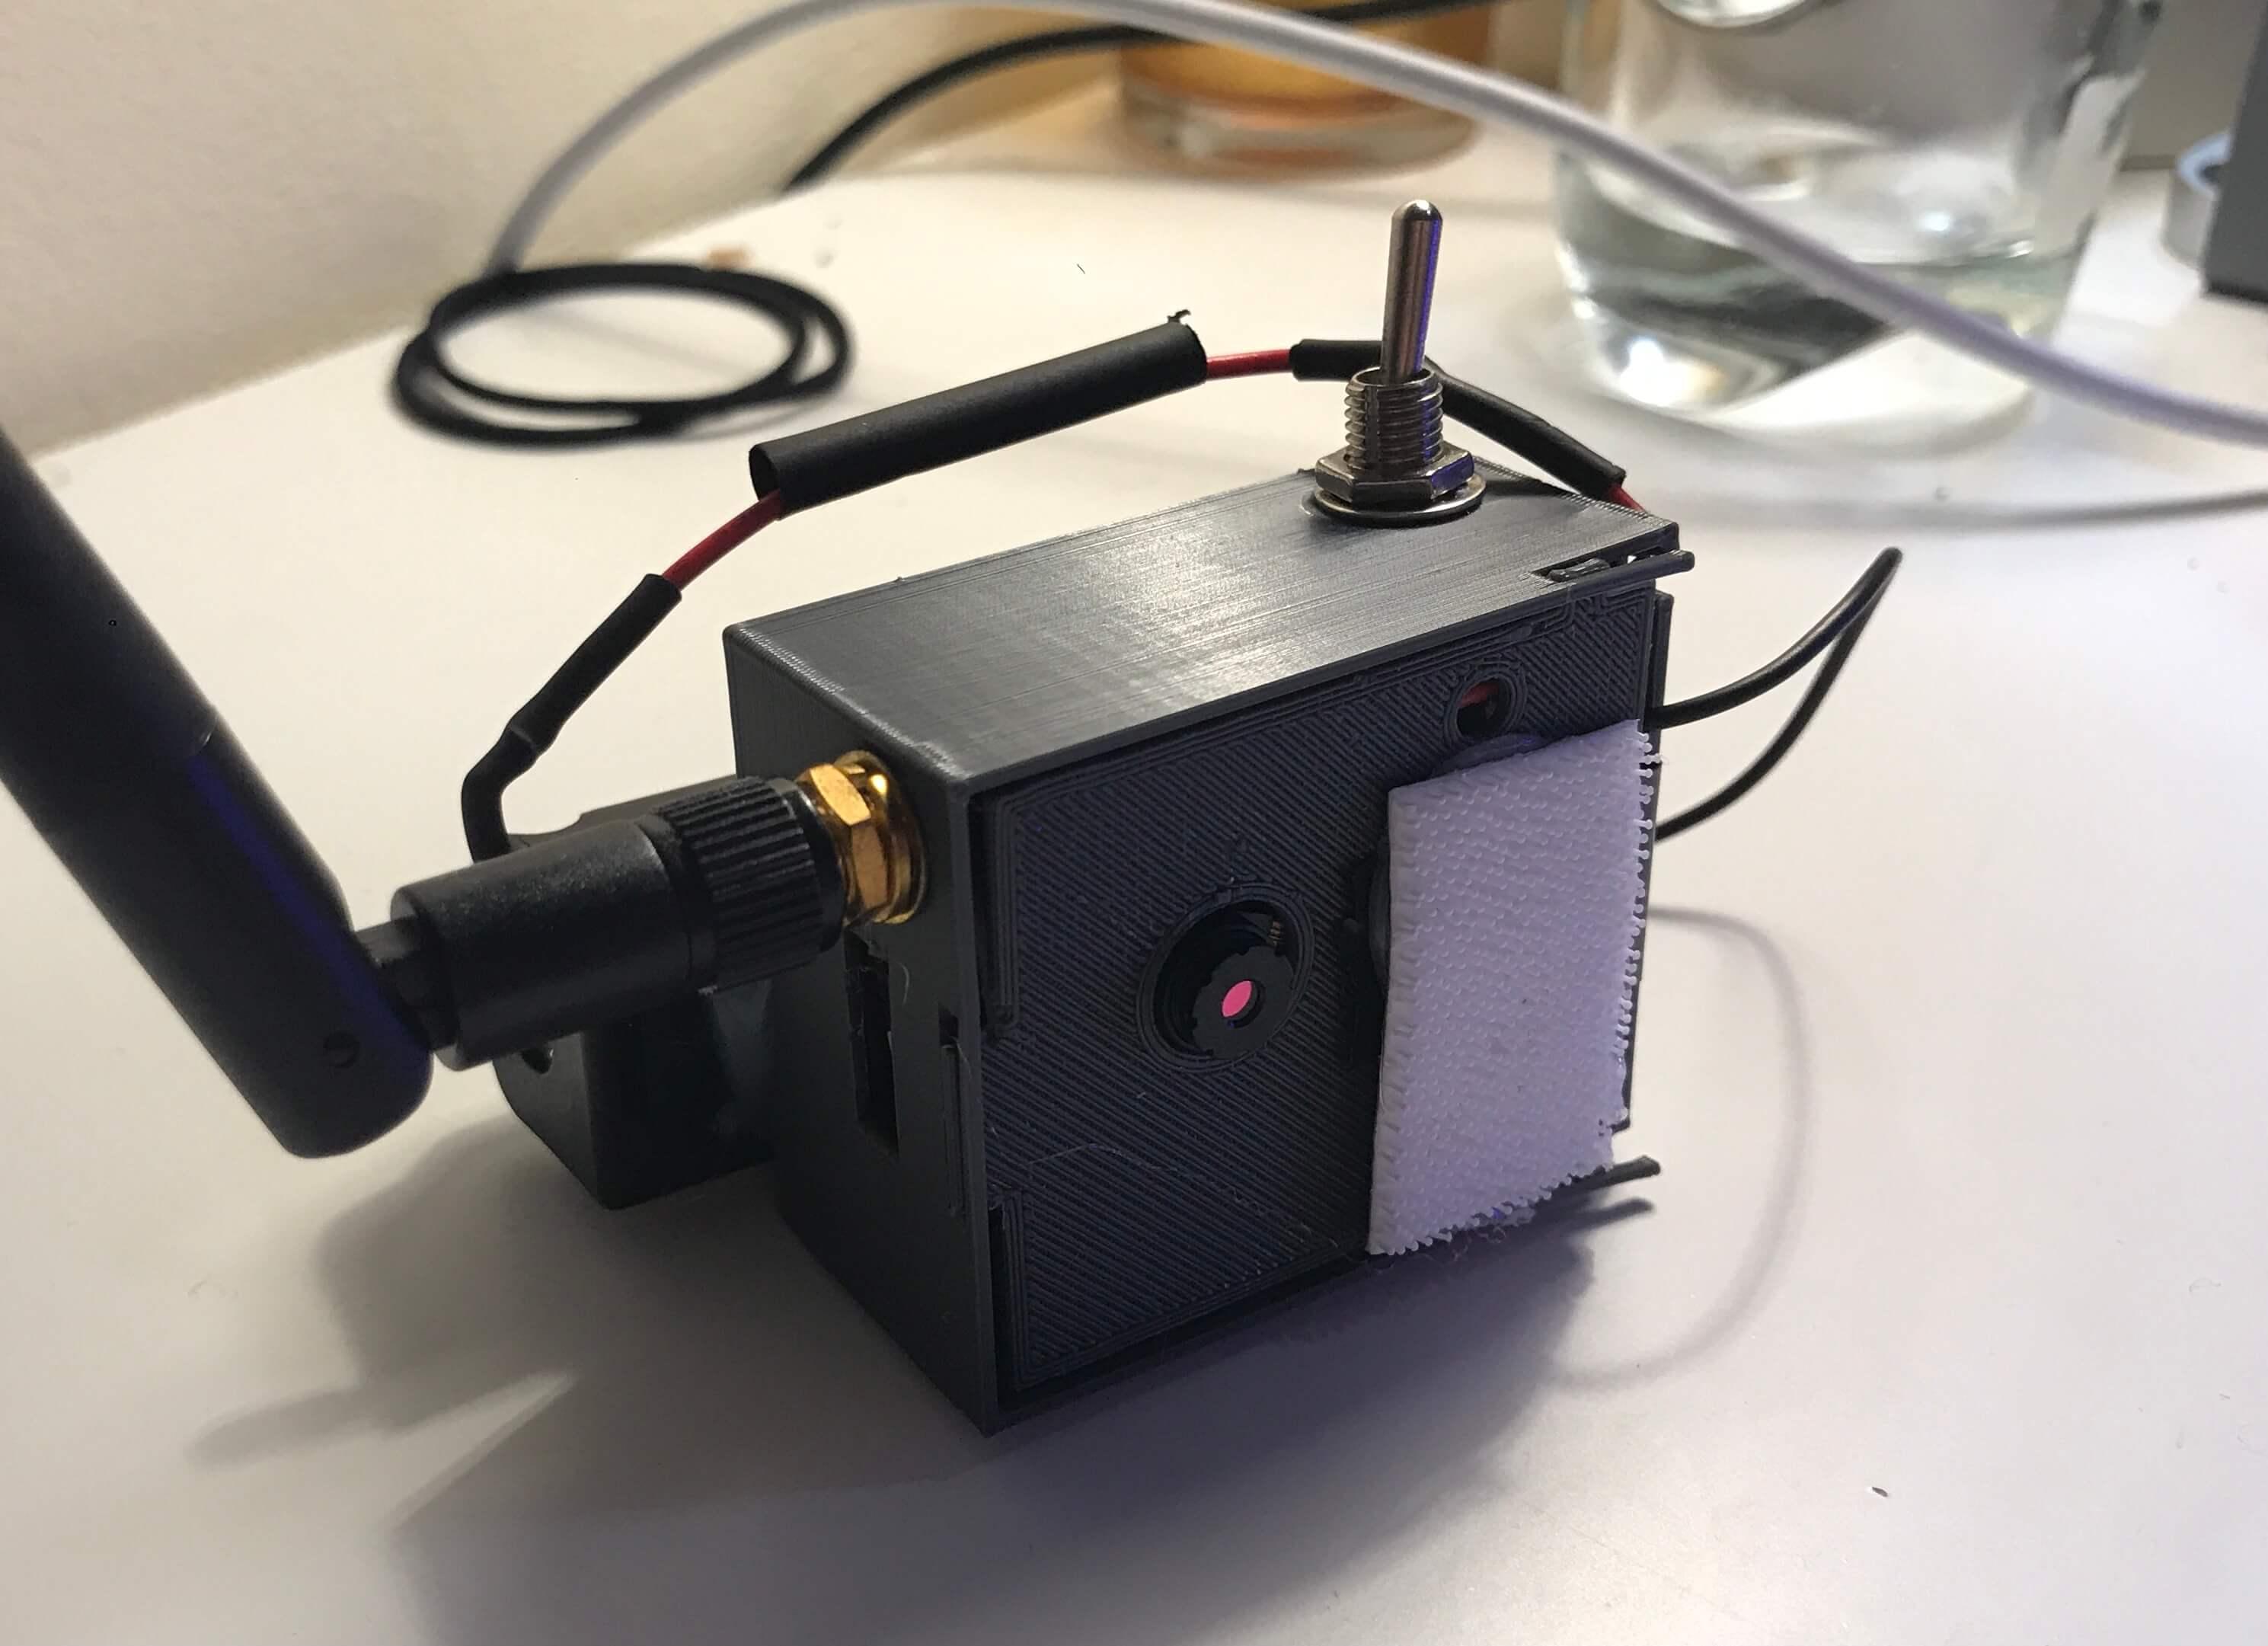 camera box thingy